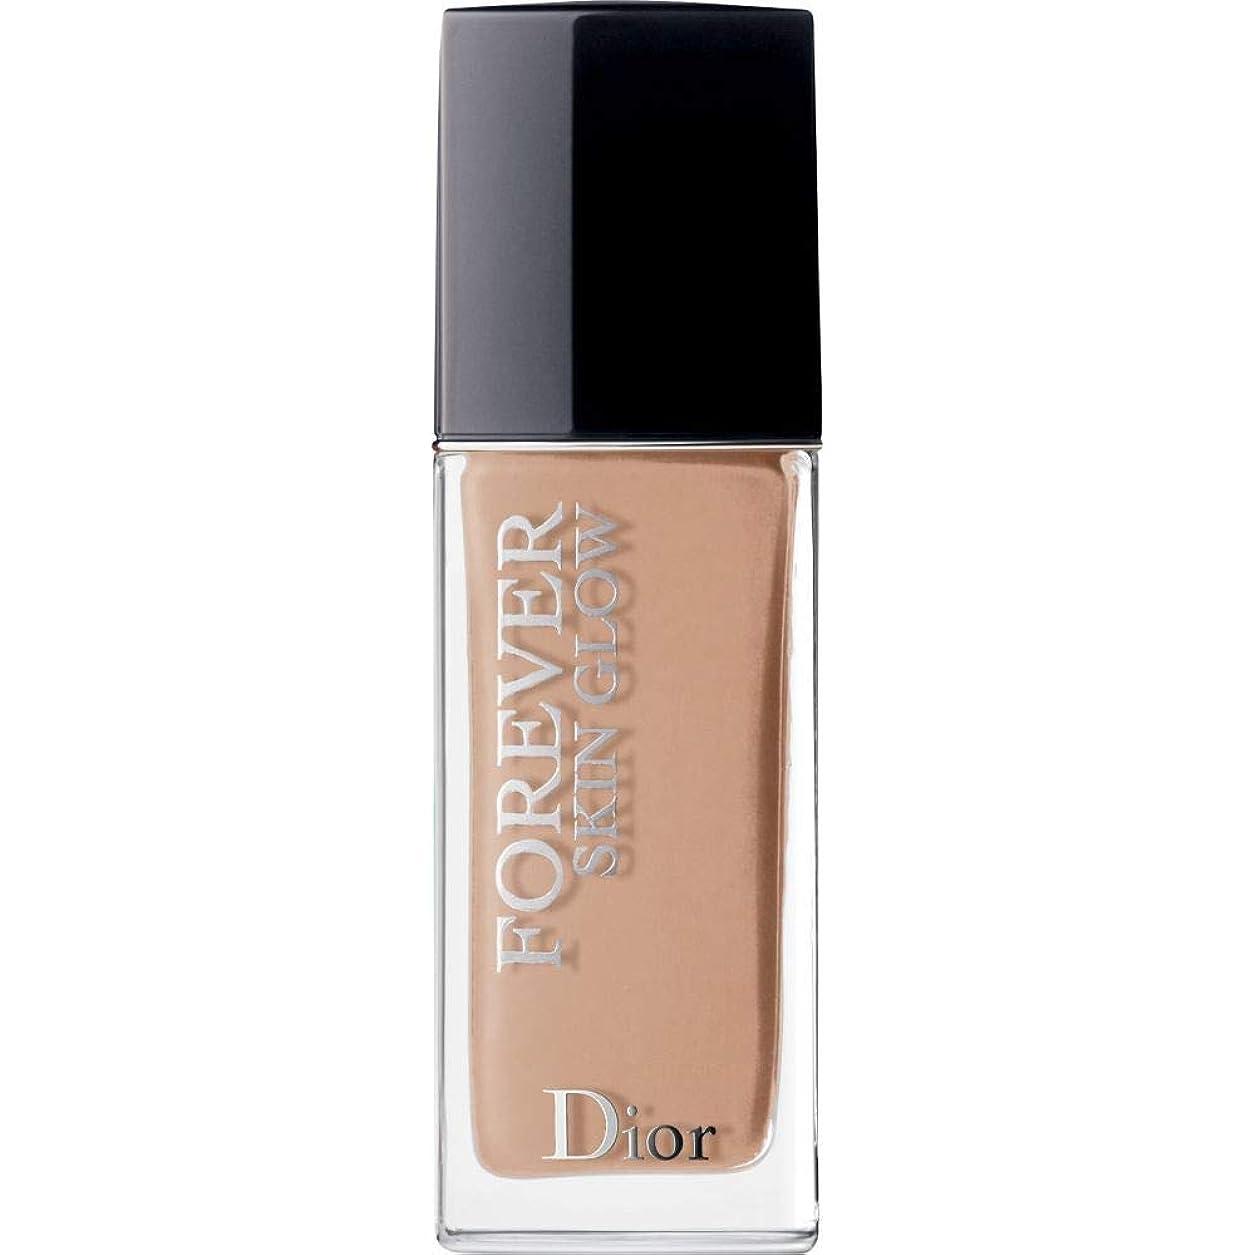 頂点コック[Dior ] ディオール永遠に皮膚グロー皮膚思いやりの基礎Spf35 30ミリリットル4Cを - クール(肌の輝き) - DIOR Forever Skin Glow Skin-Caring Foundation SPF35 30ml 4C - Cool (Skin Glow) [並行輸入品]